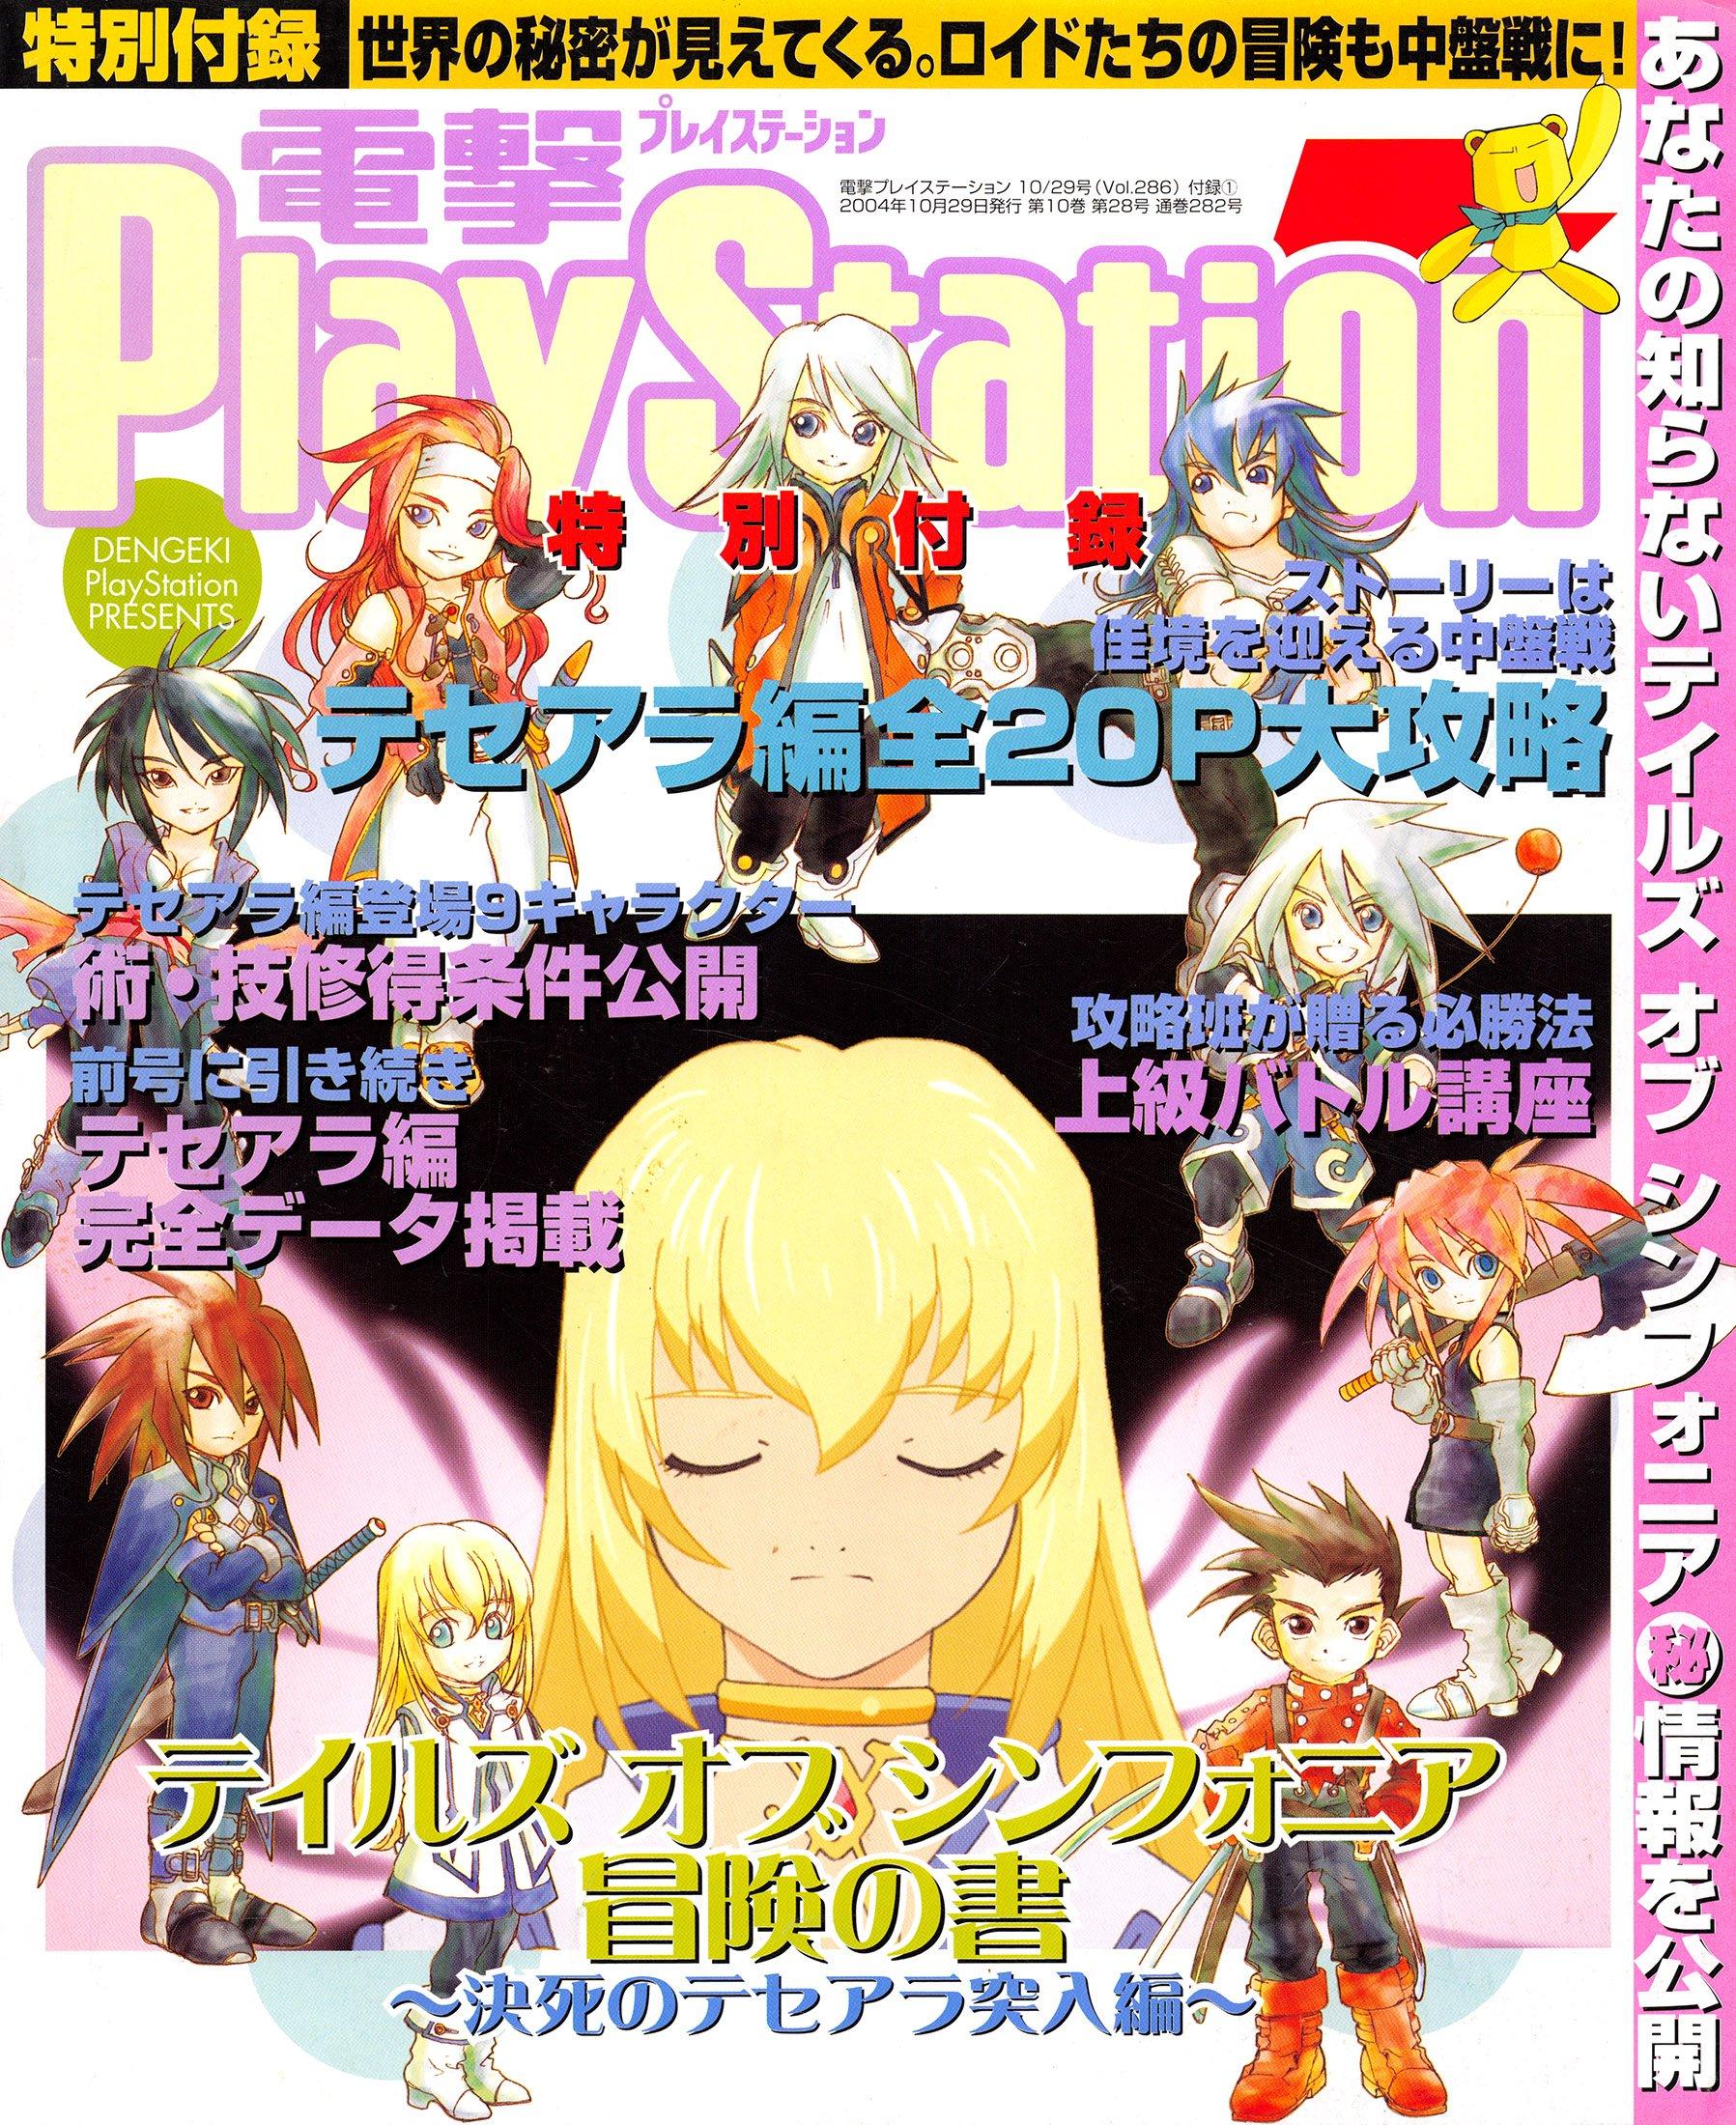 Dengeki PlayStation Presents: Tales of Symphonia - Bouken no Sho (vol.286 supplement) (October 29, 2004)